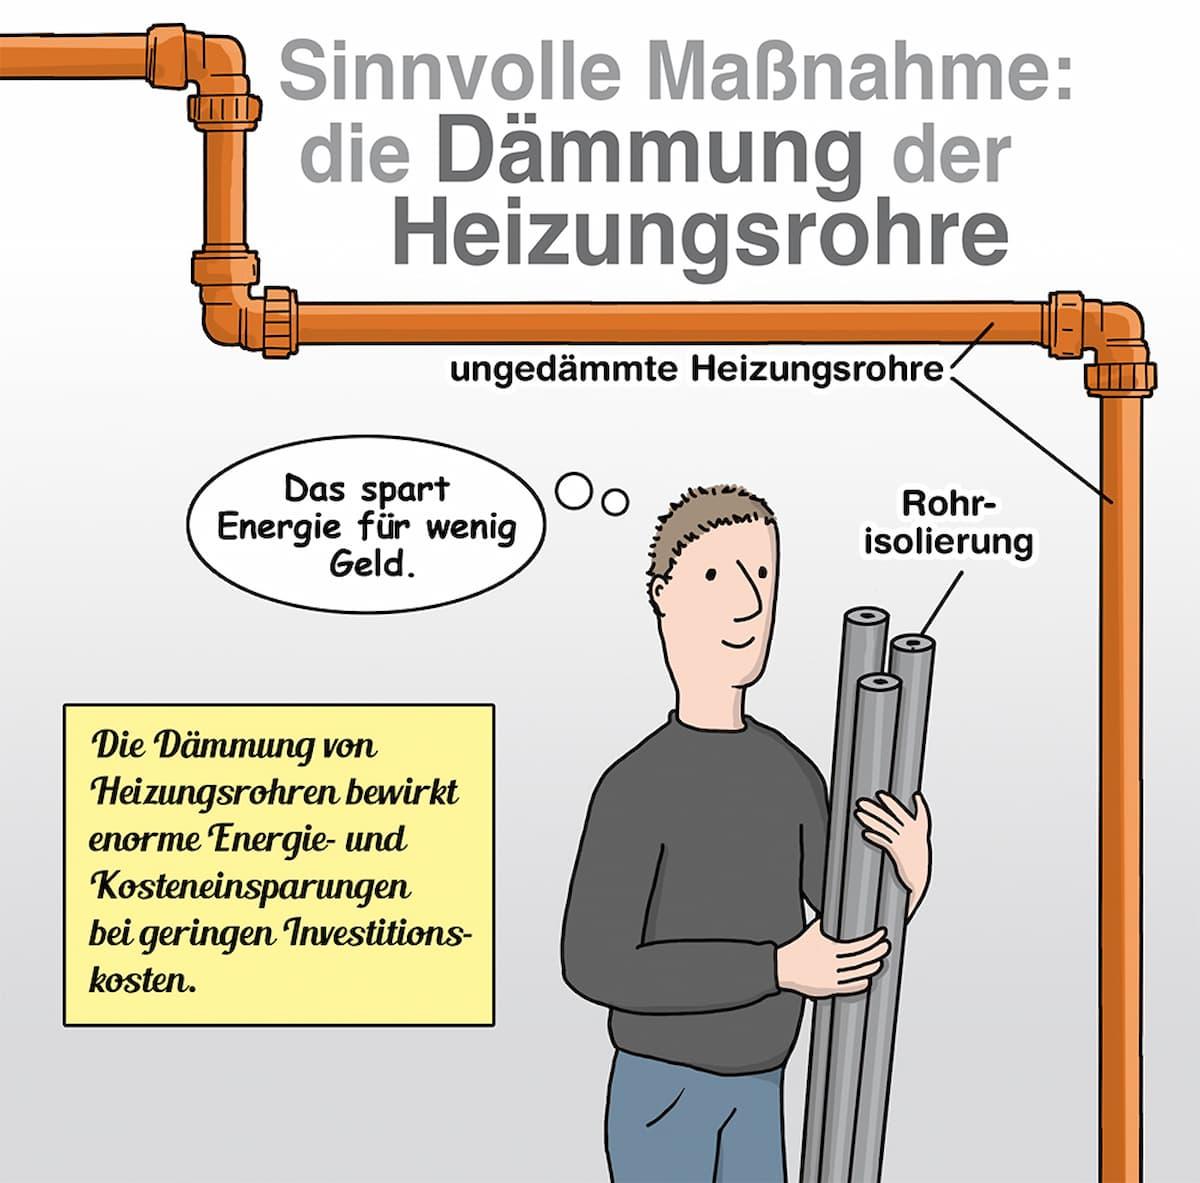 Heizungsrohre dämmen: Eine sinnvolle und kostengünstige Maßnahme